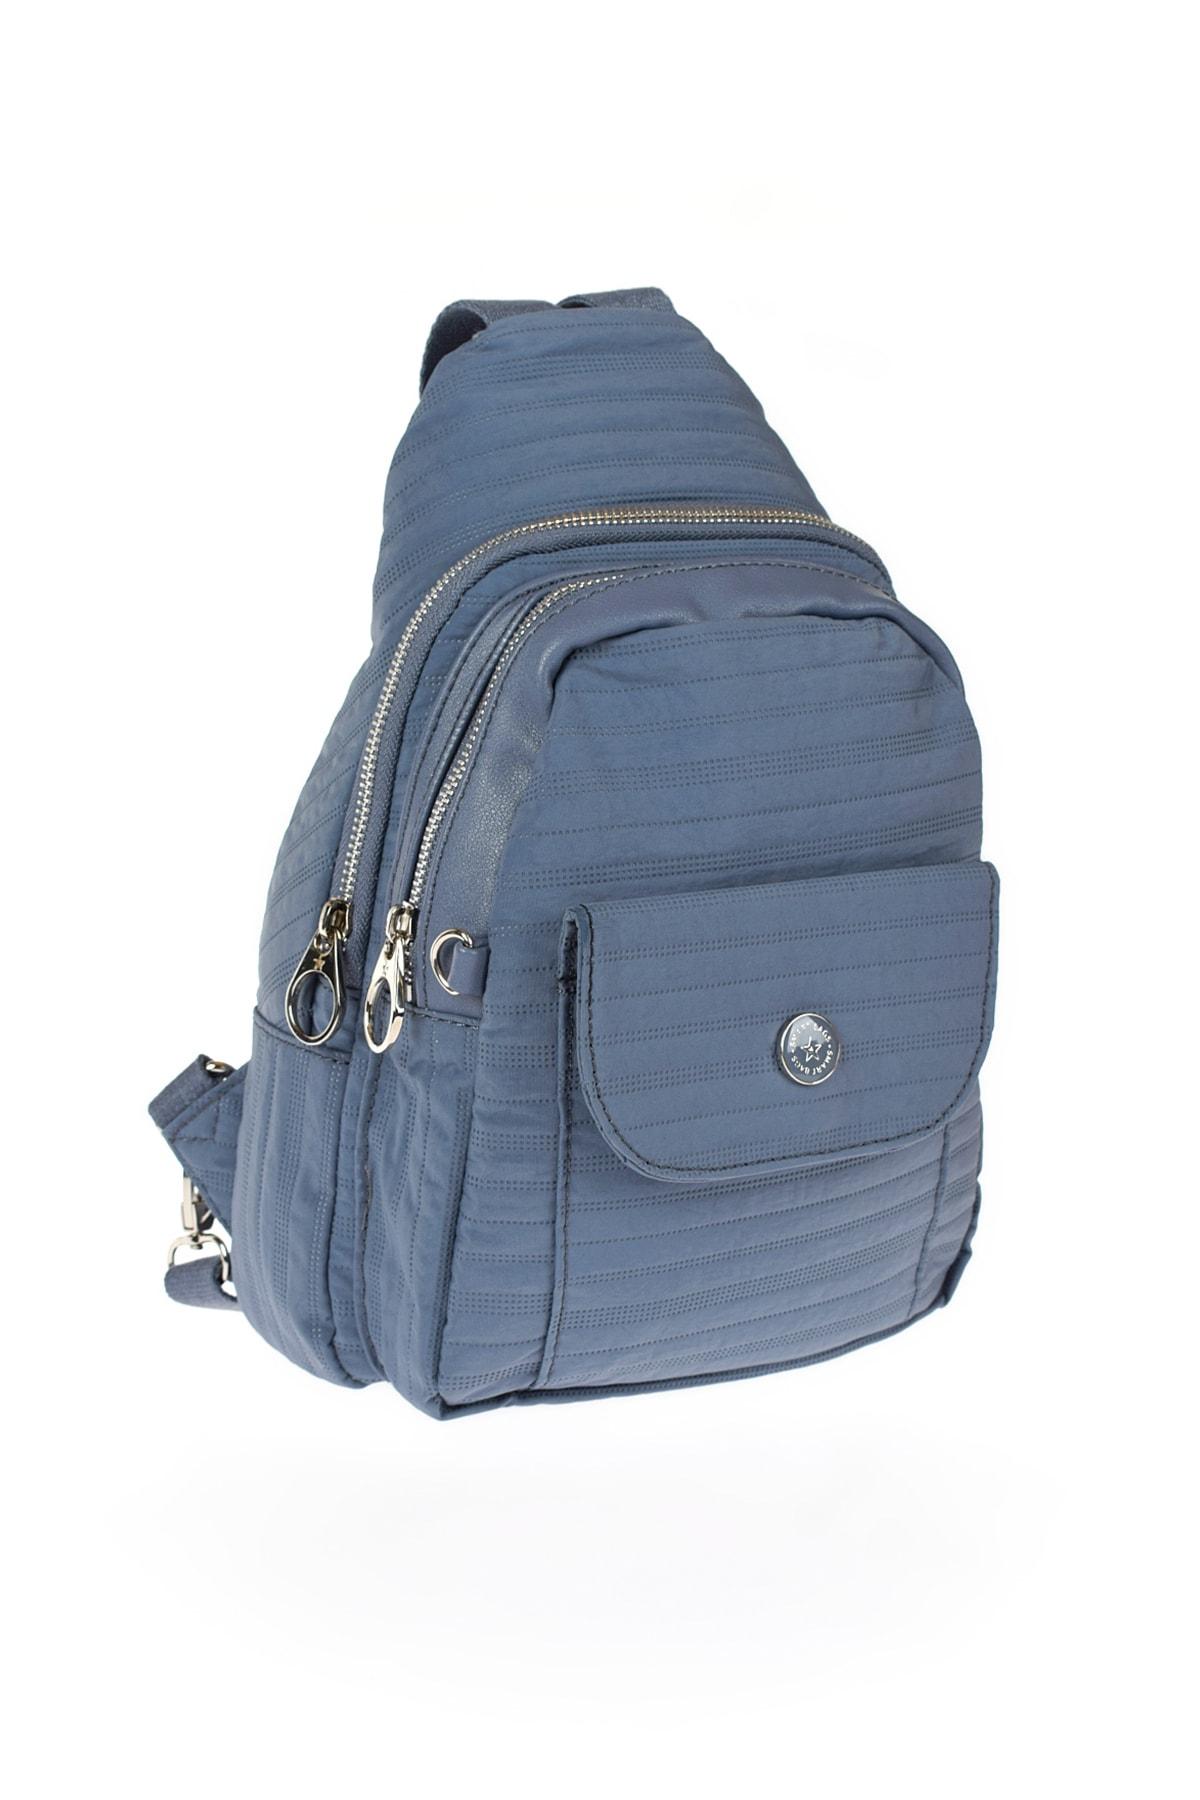 SMART BAGS Siyah Kadın Bel Çantası 0Smgw2020021 2